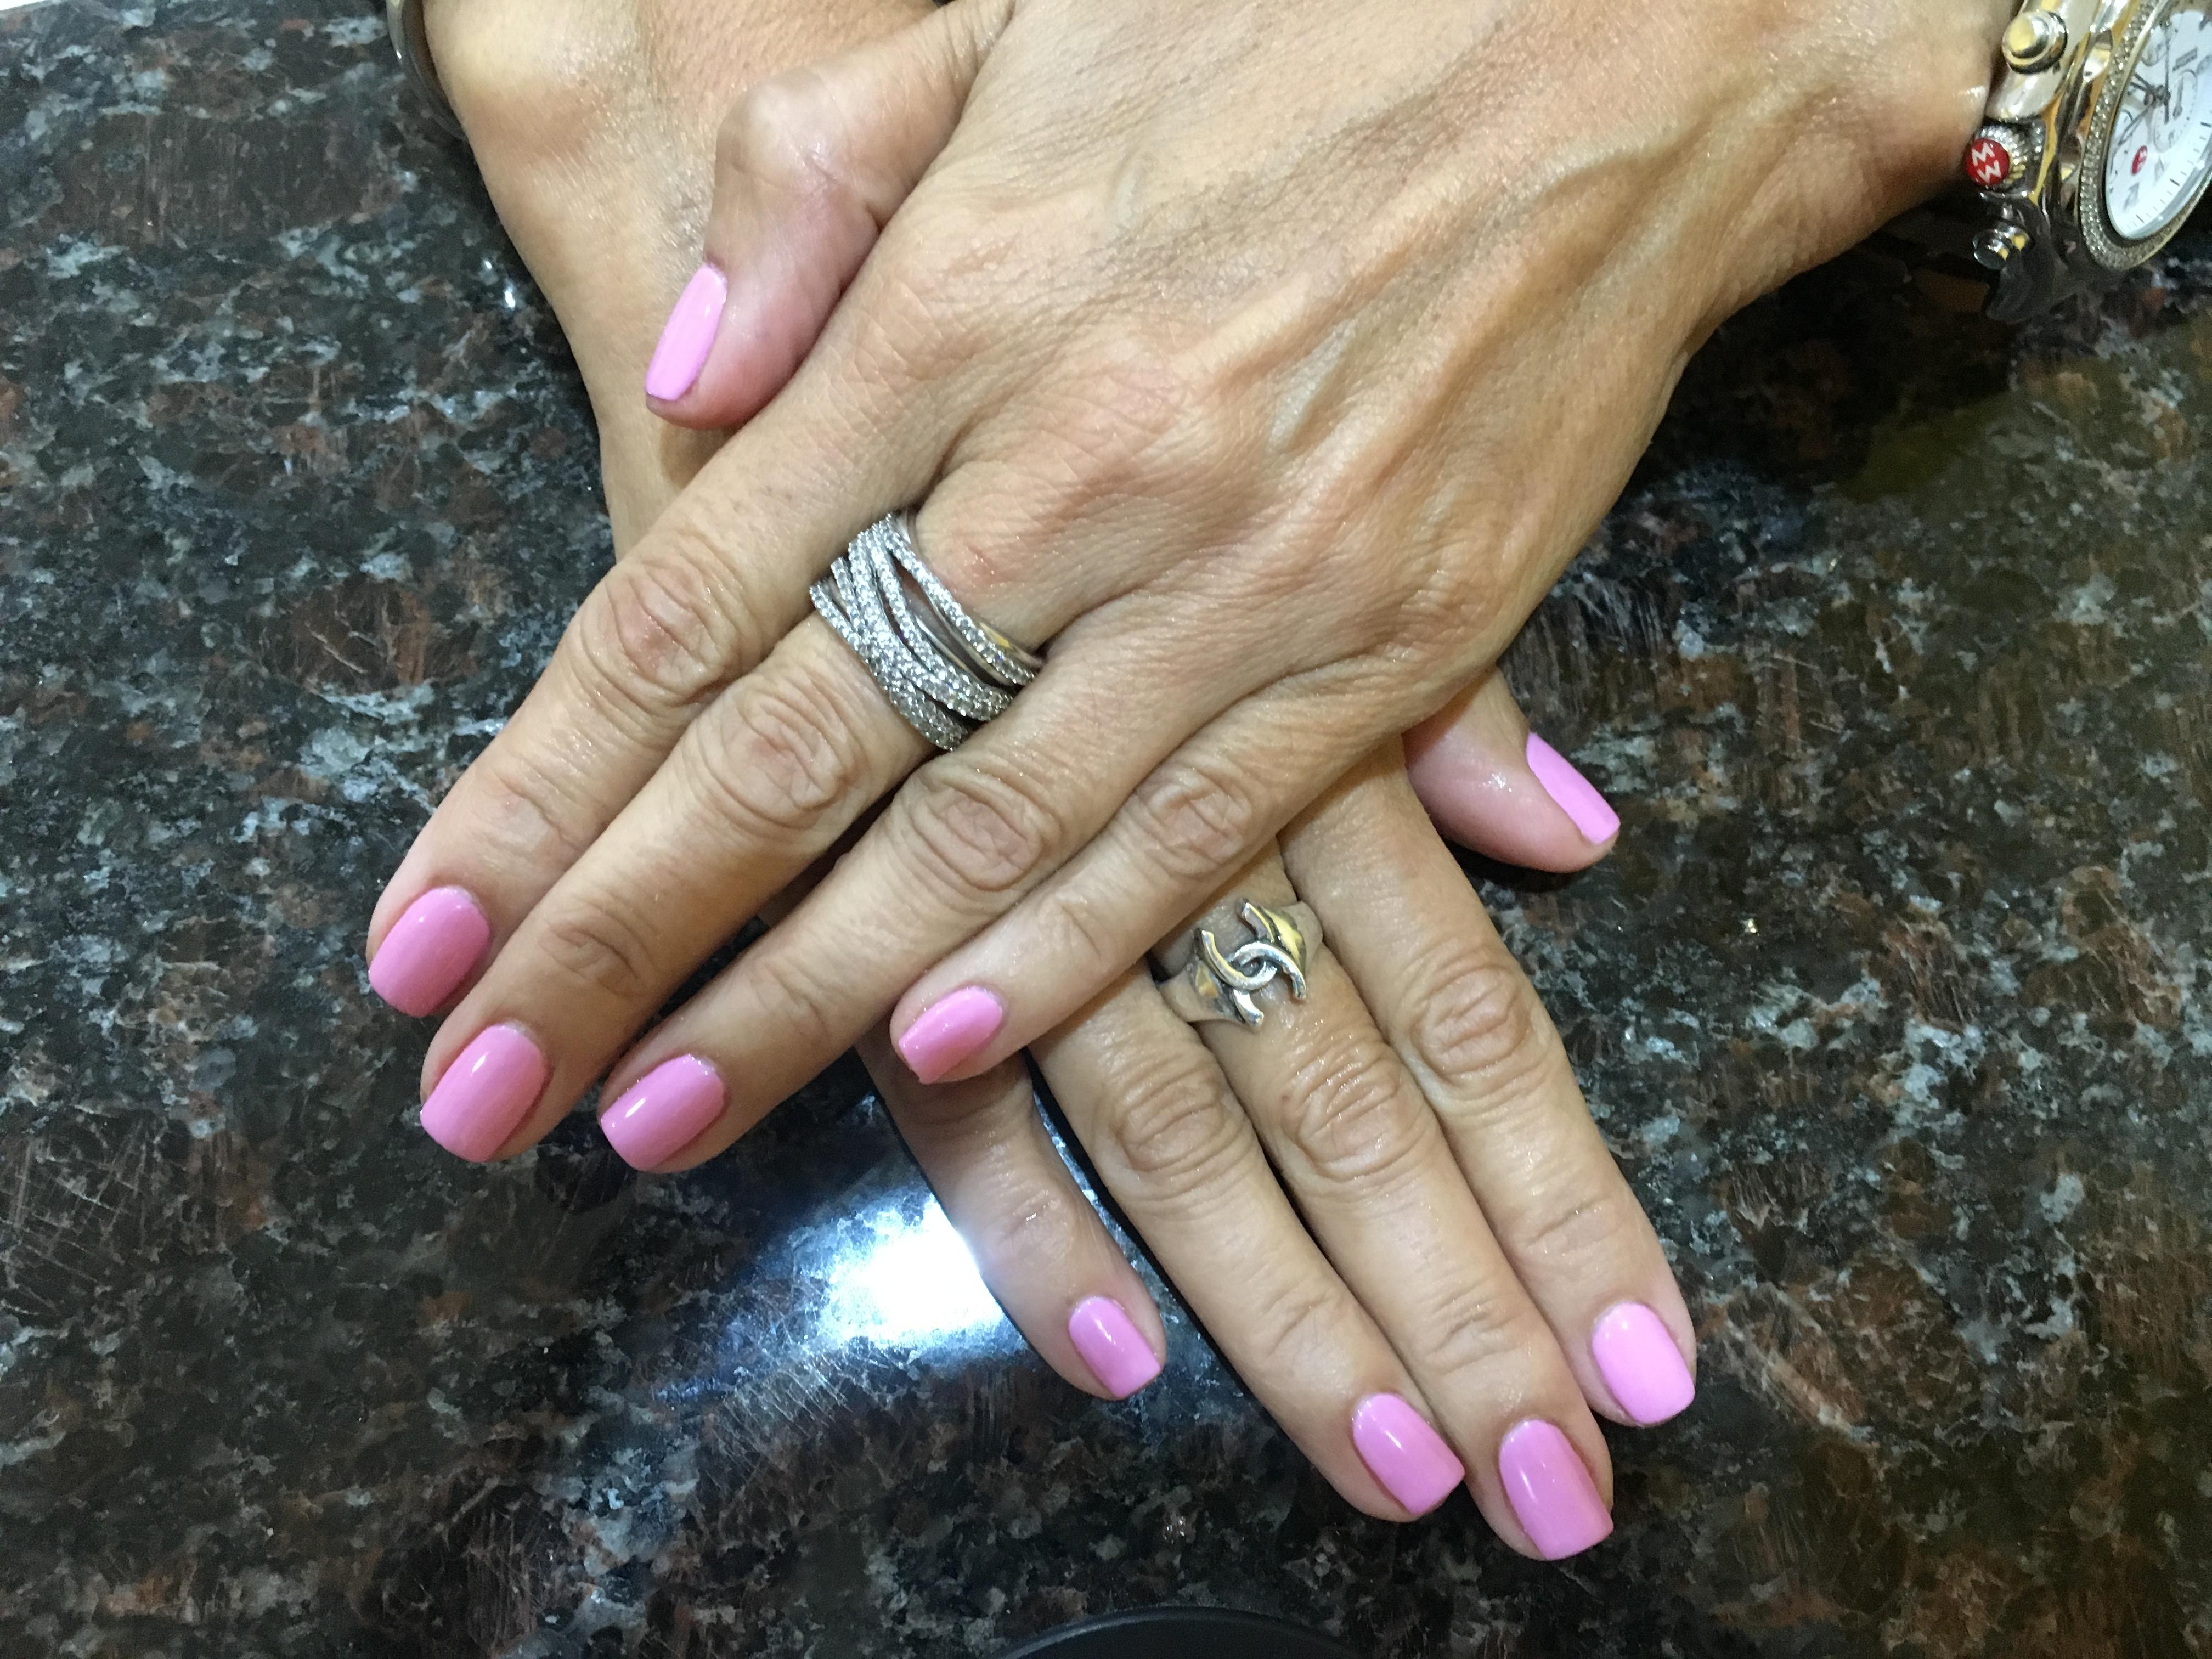 Elite Nails 895 NE 8th St, Homestead, FL 33030 - YP.com